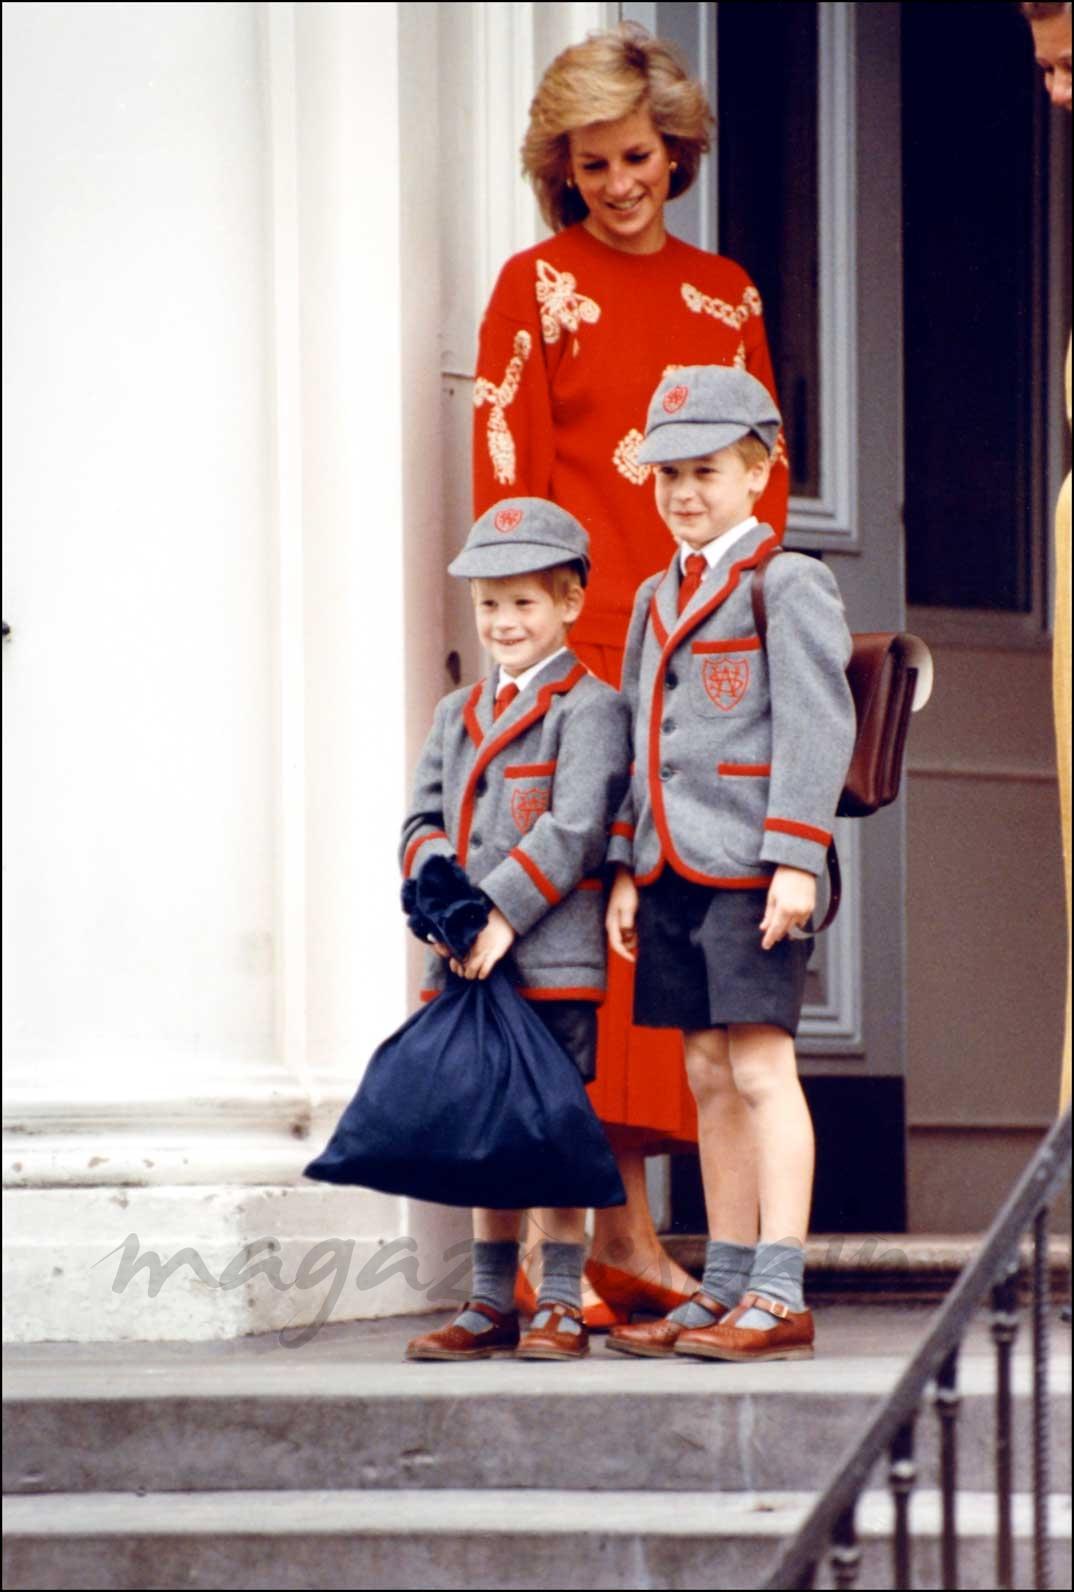 Ladi Di con sus hijos en el colegio